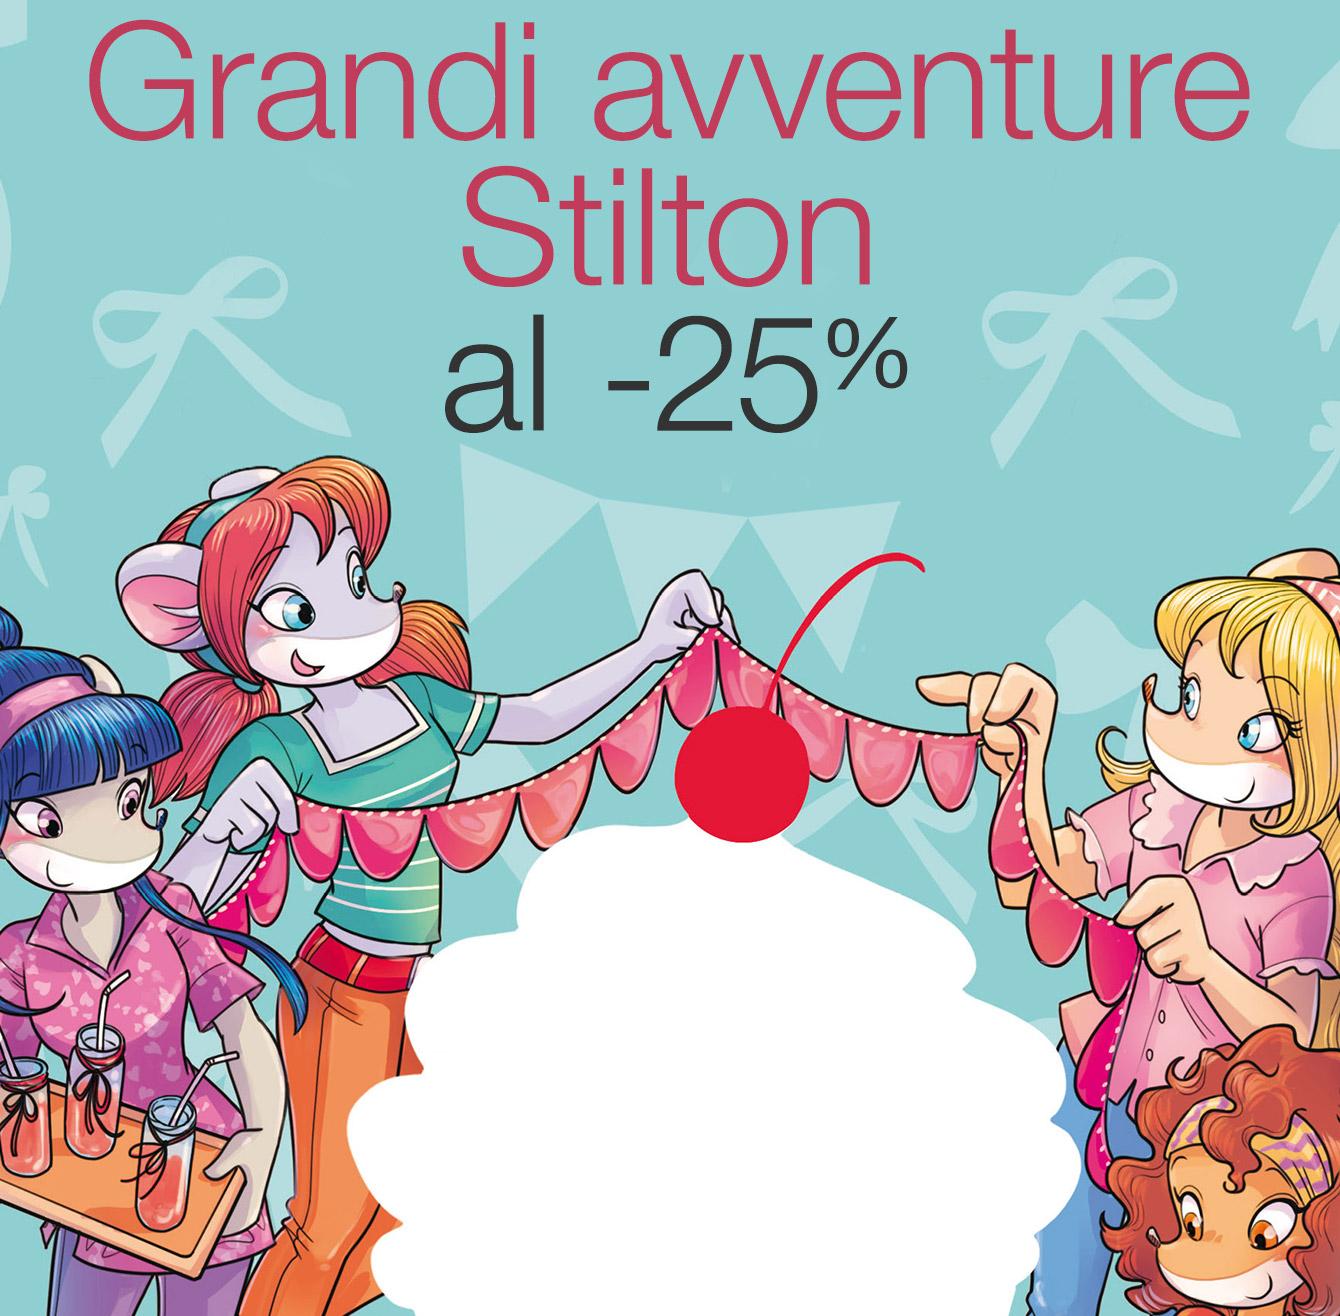 Stilton al -25%